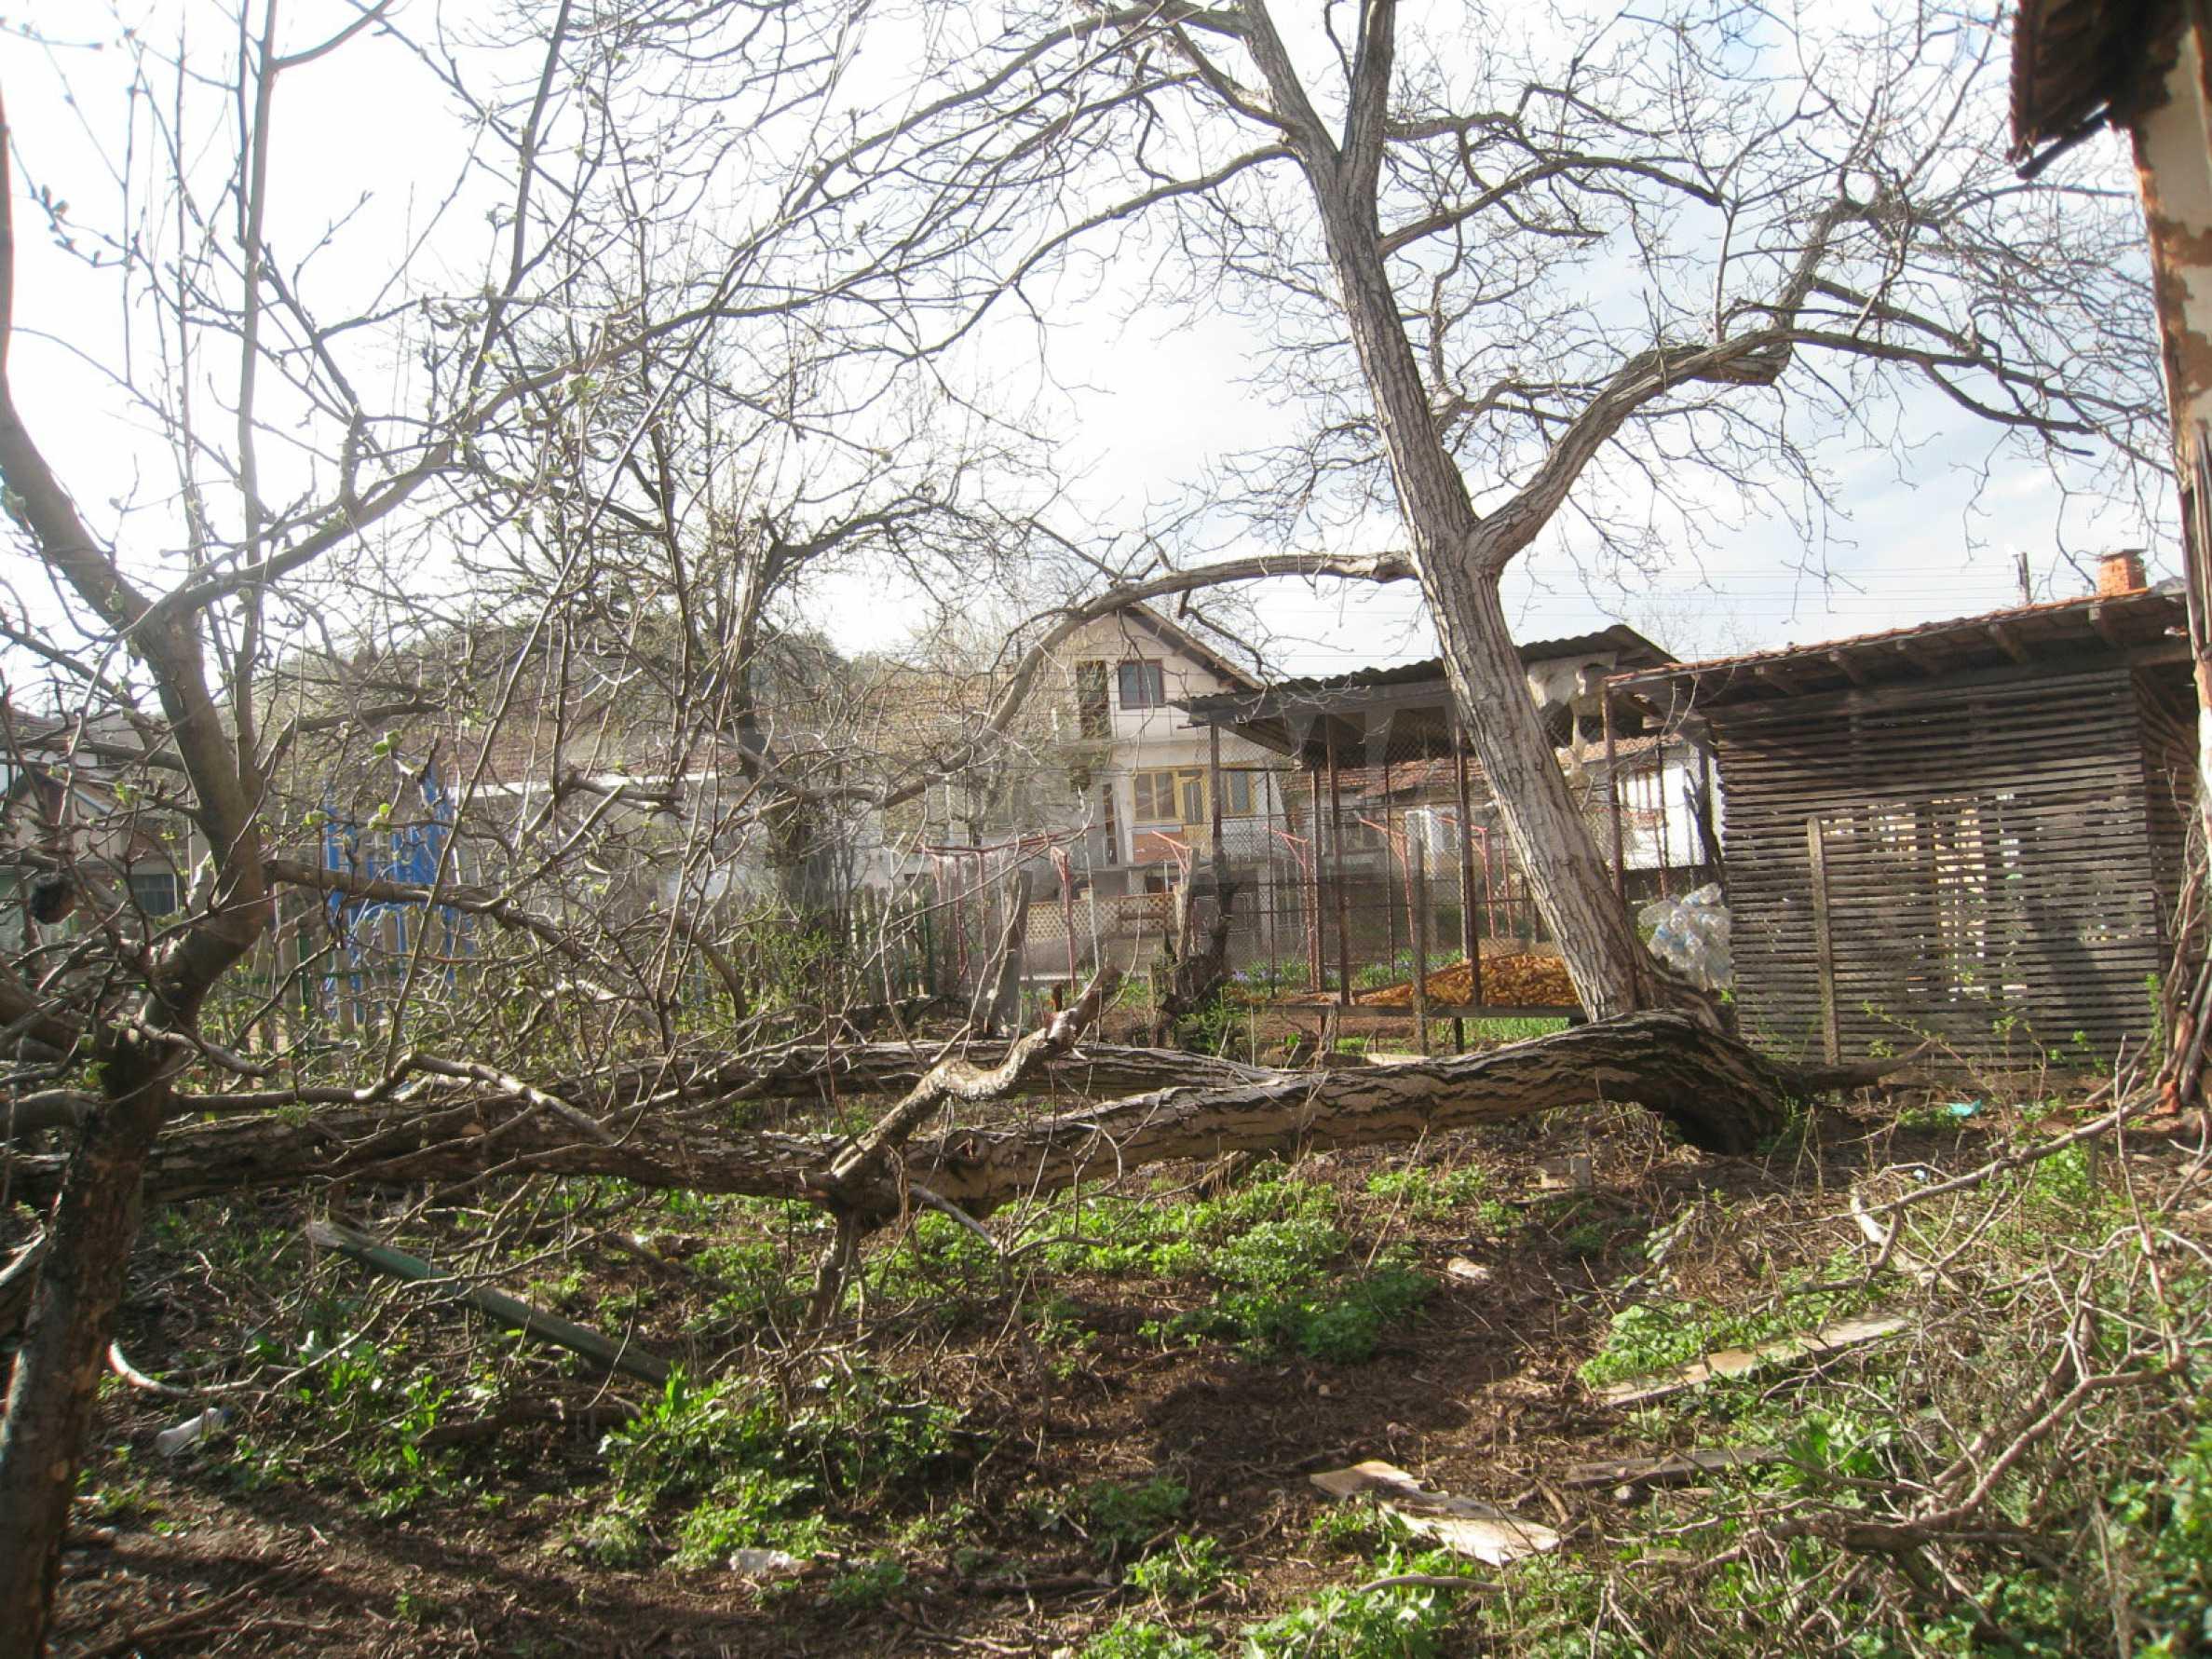 Ein Haus mit einem Garten im Zentrum eines entwickelten Dorfes in der Nähe von Montana 27